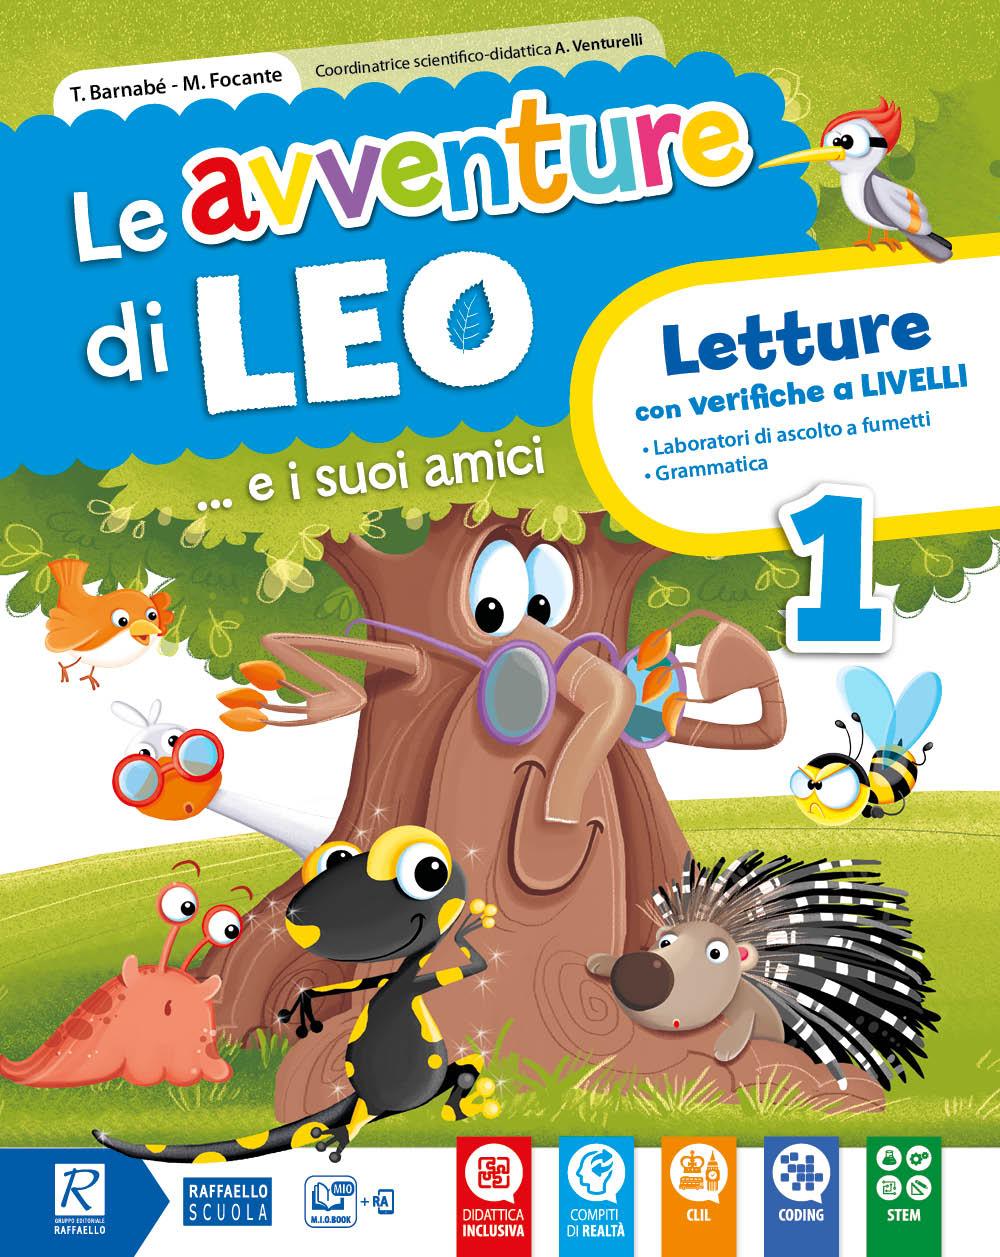 Le avventure di Leo 1-2-3